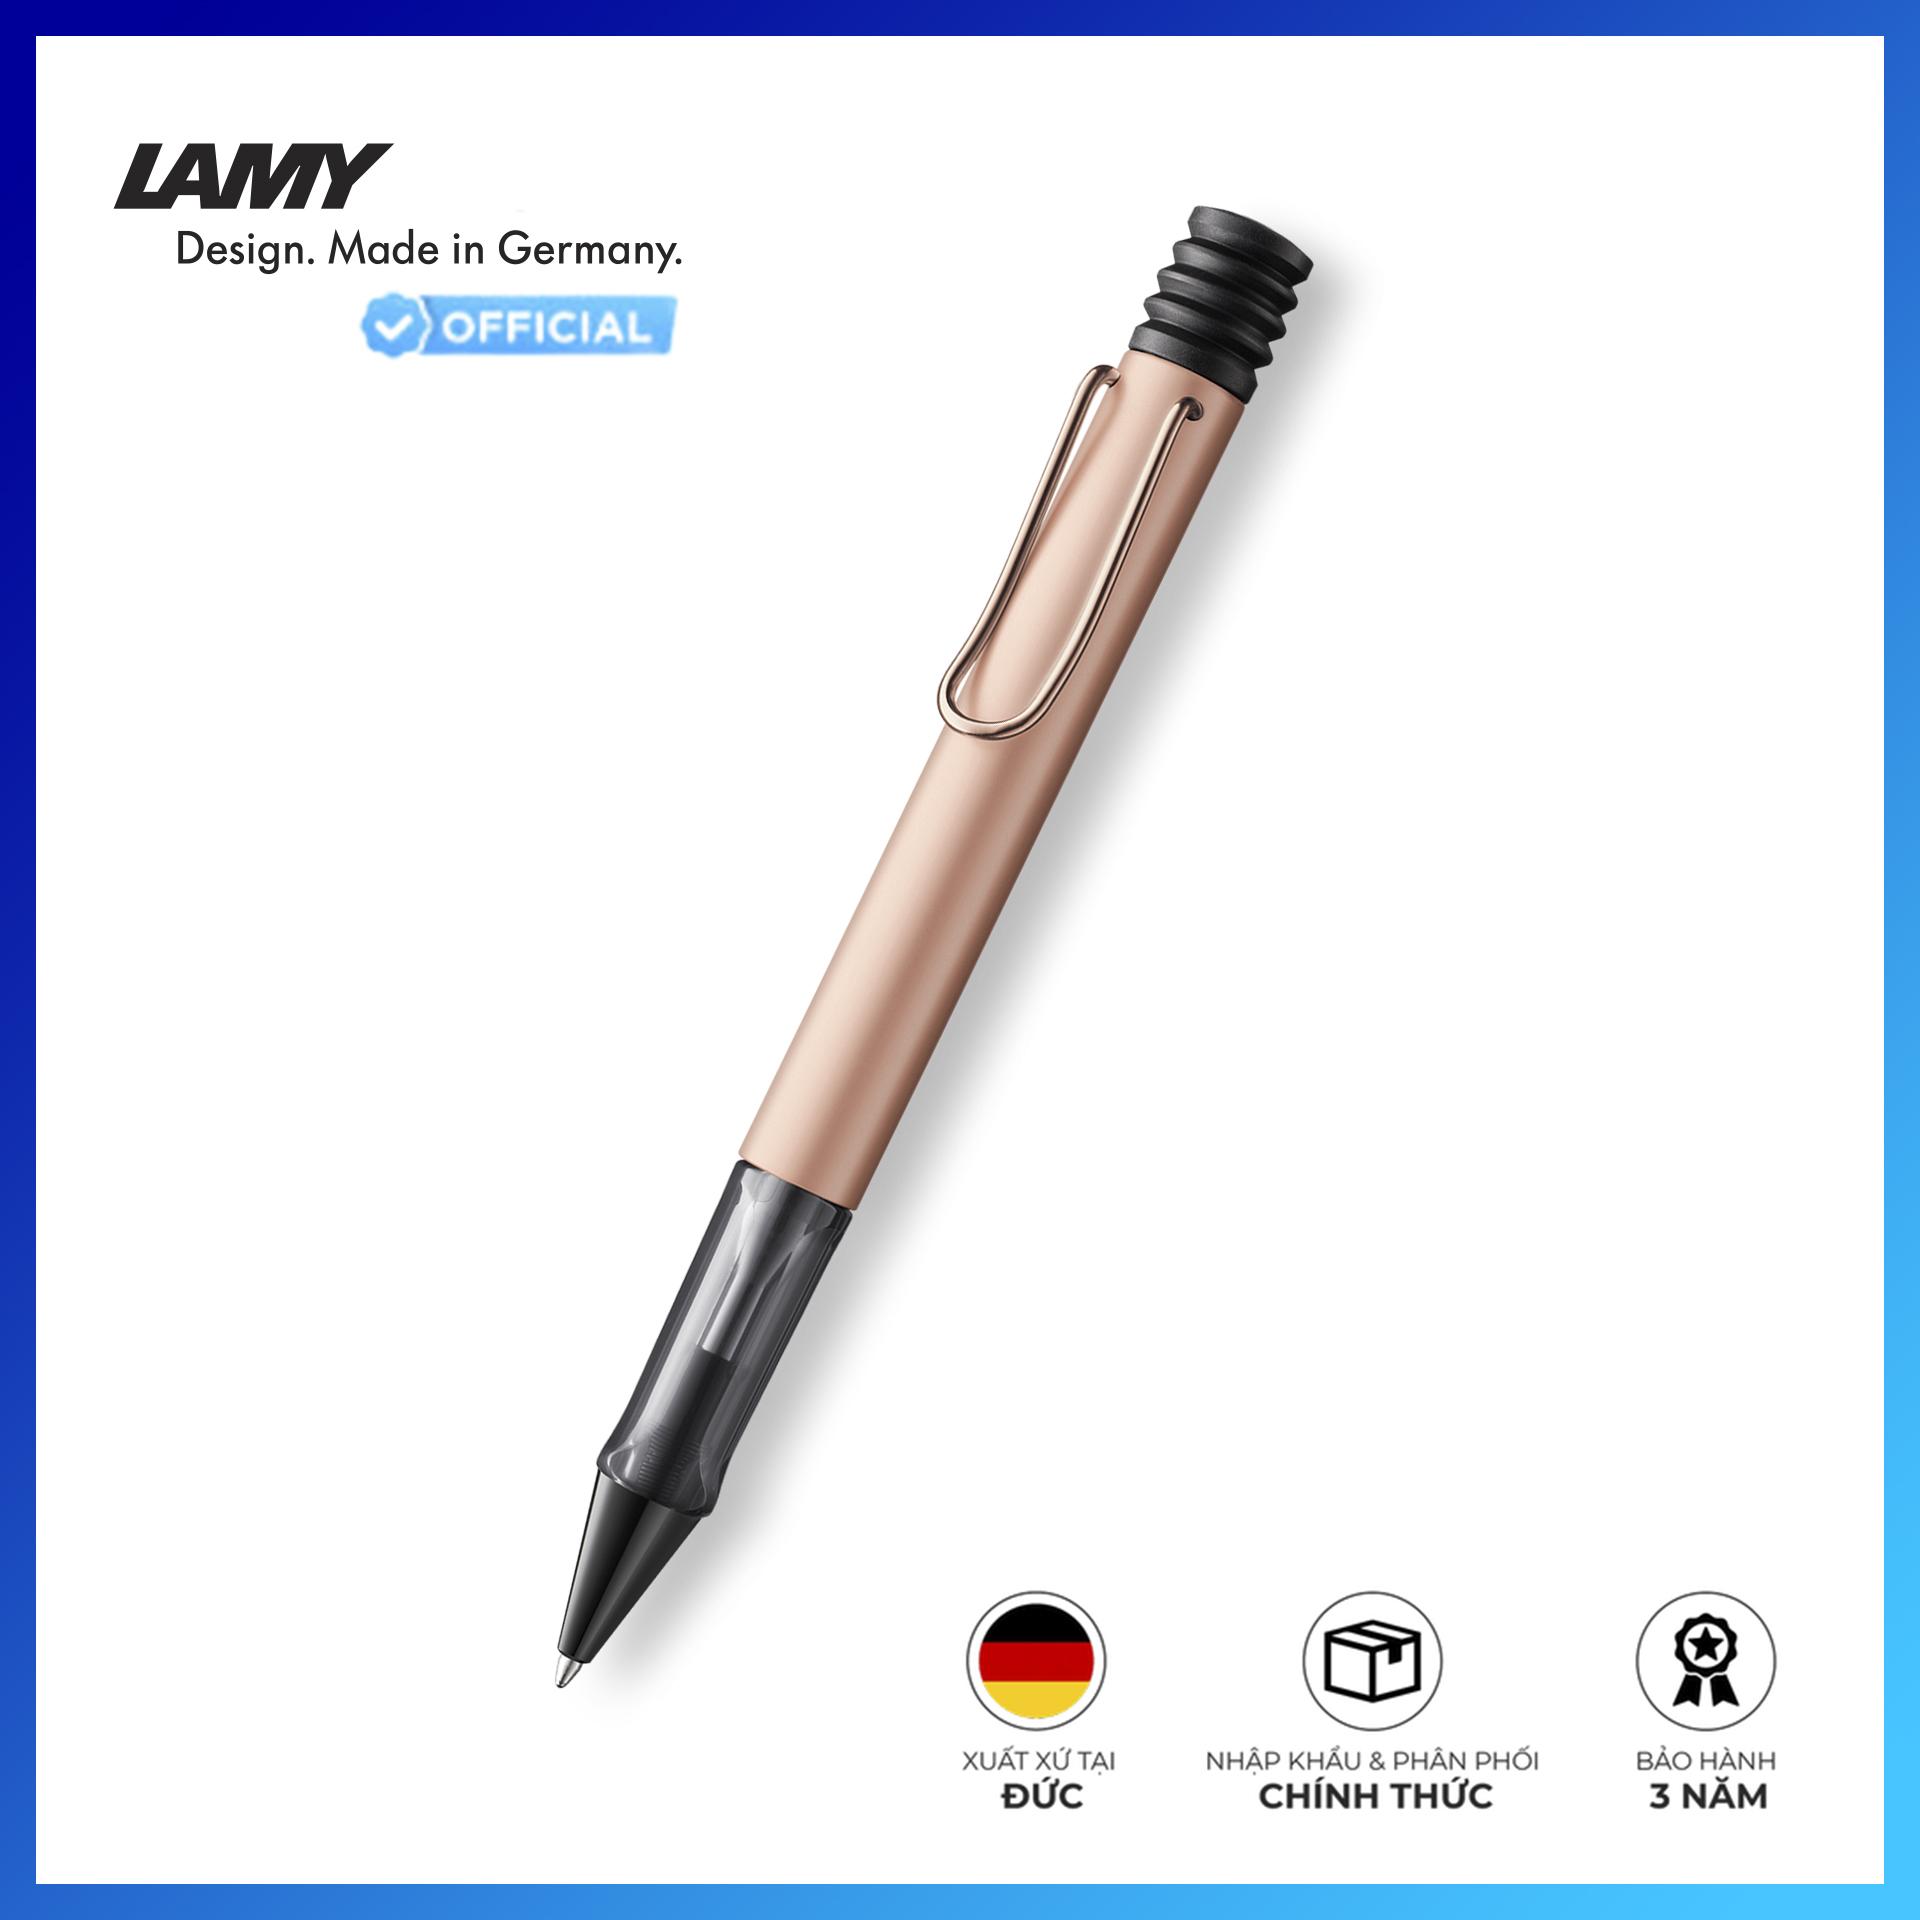 Bút Bi Lamy LX RAU 276 - 4031632